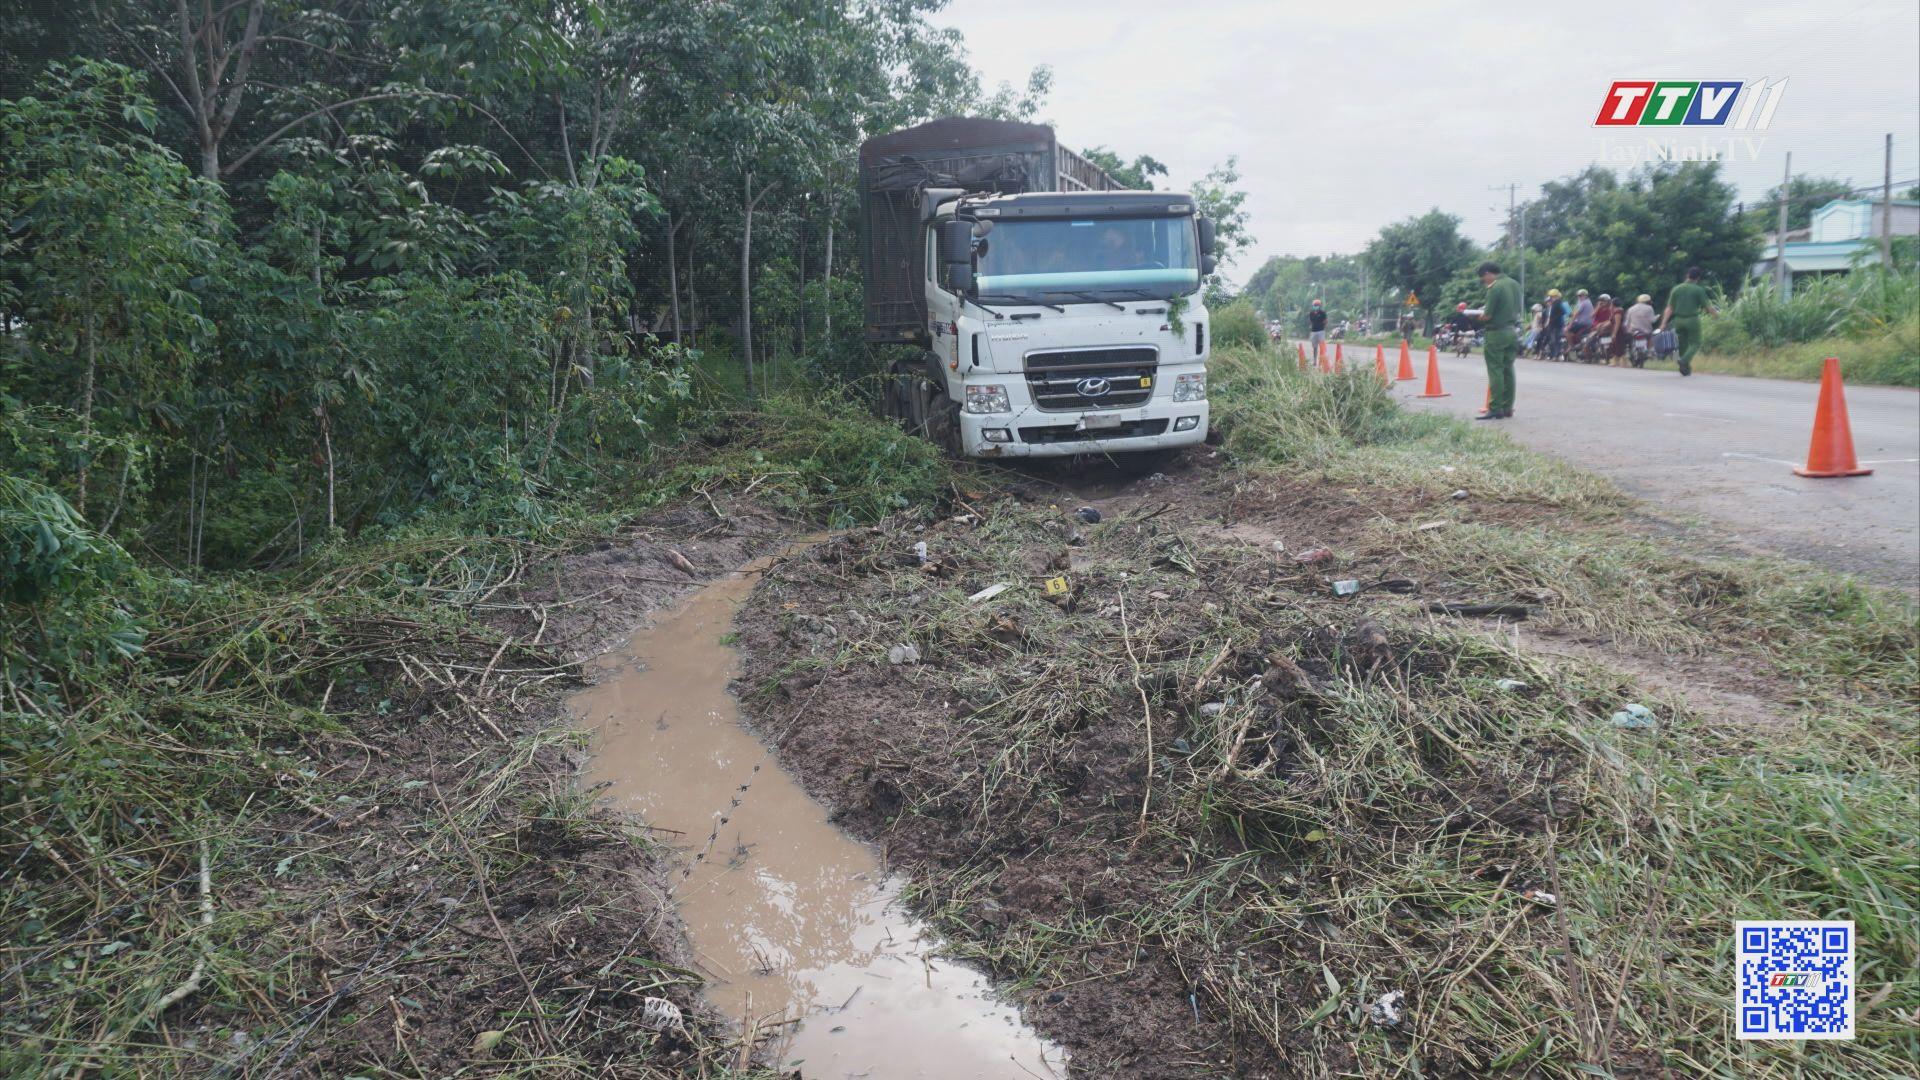 Tai nạn giao thông 10 tháng đầu năm 2020 được kiềm chế và kéo giảm | AN TOÀN GIAO THÔNG | TayNinhTV